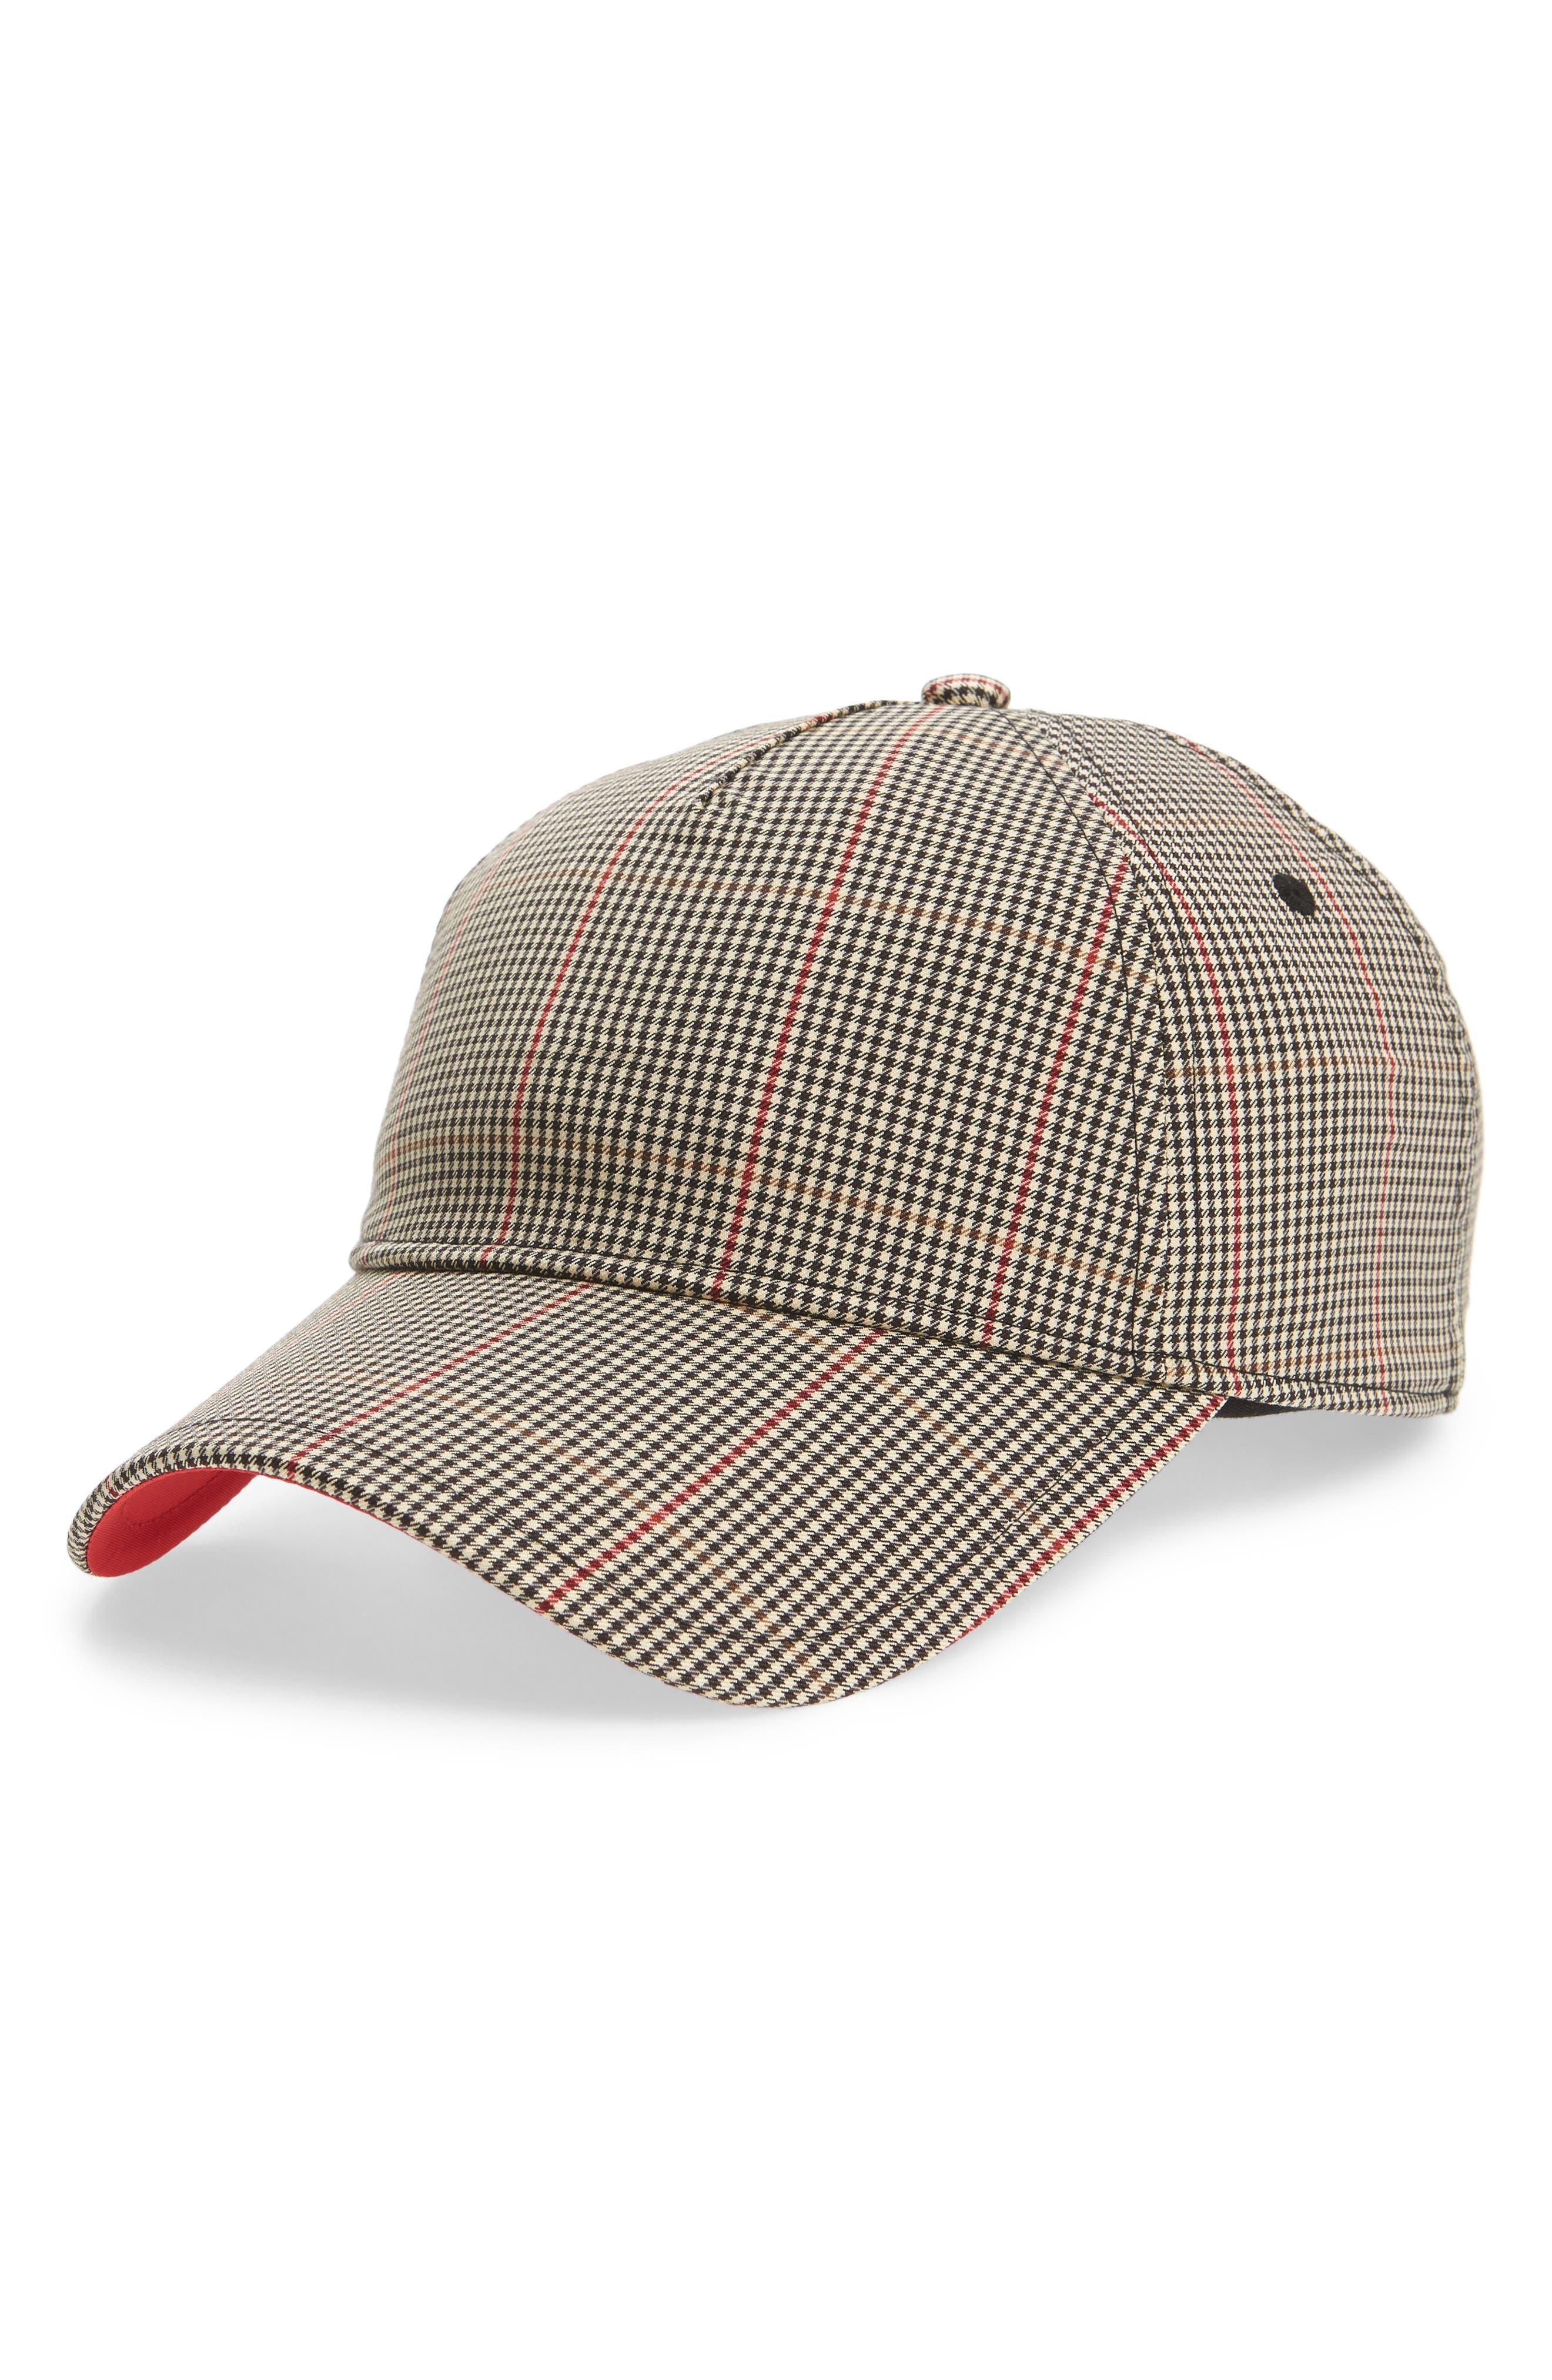 Marilyn Baseball Cap,                         Main,                         color, Tan Multi